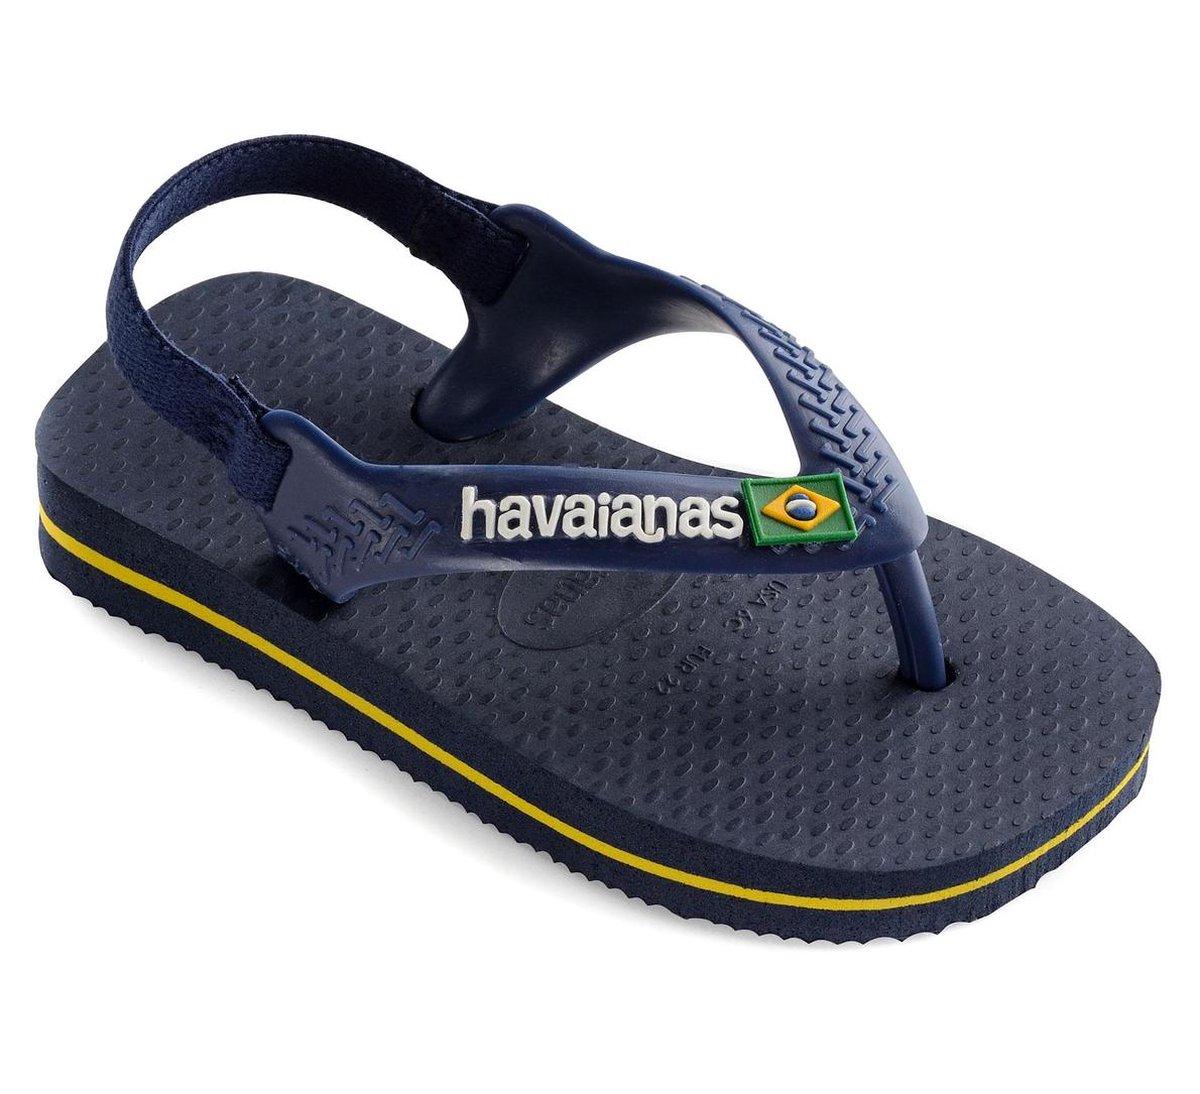 Havaianas Baby Brasil Logo II Jongens Slippers - Navy Blue/Citrus Yellow - Maat 25/26